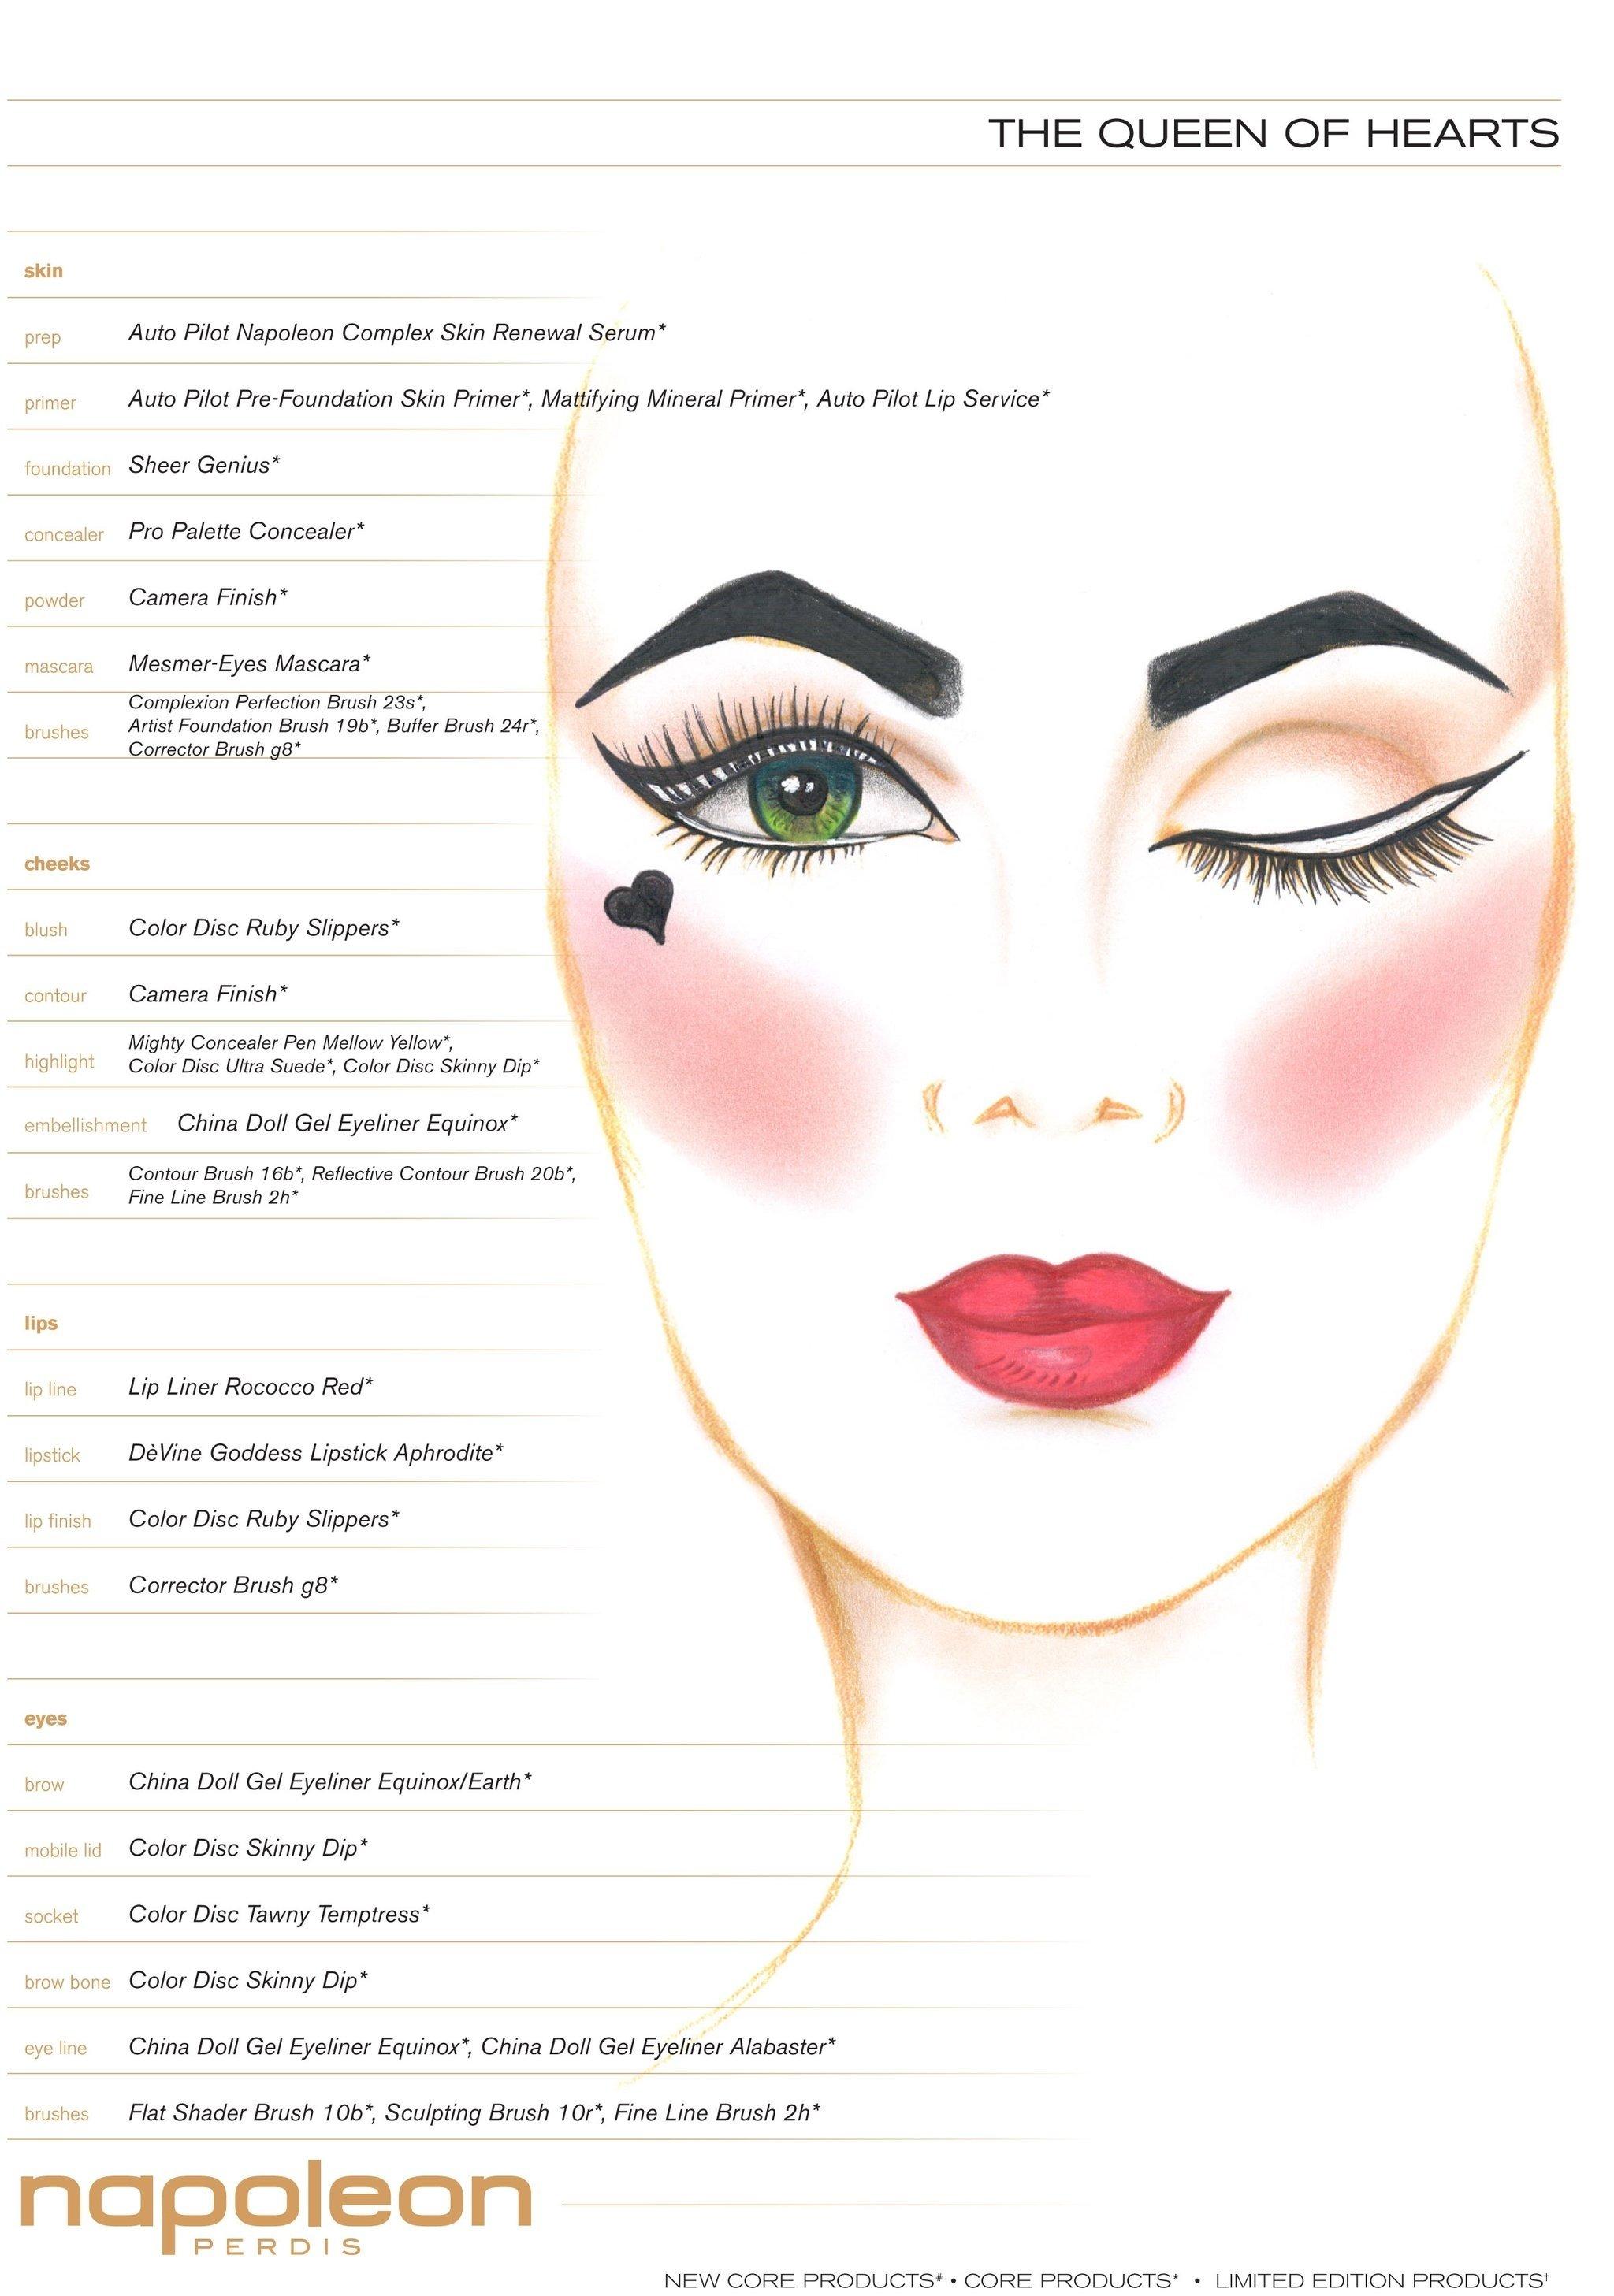 10 Trendy Queen Of Hearts Makeup Ideas the queen of hearts pictures of napoleon perdiss halloween makeup